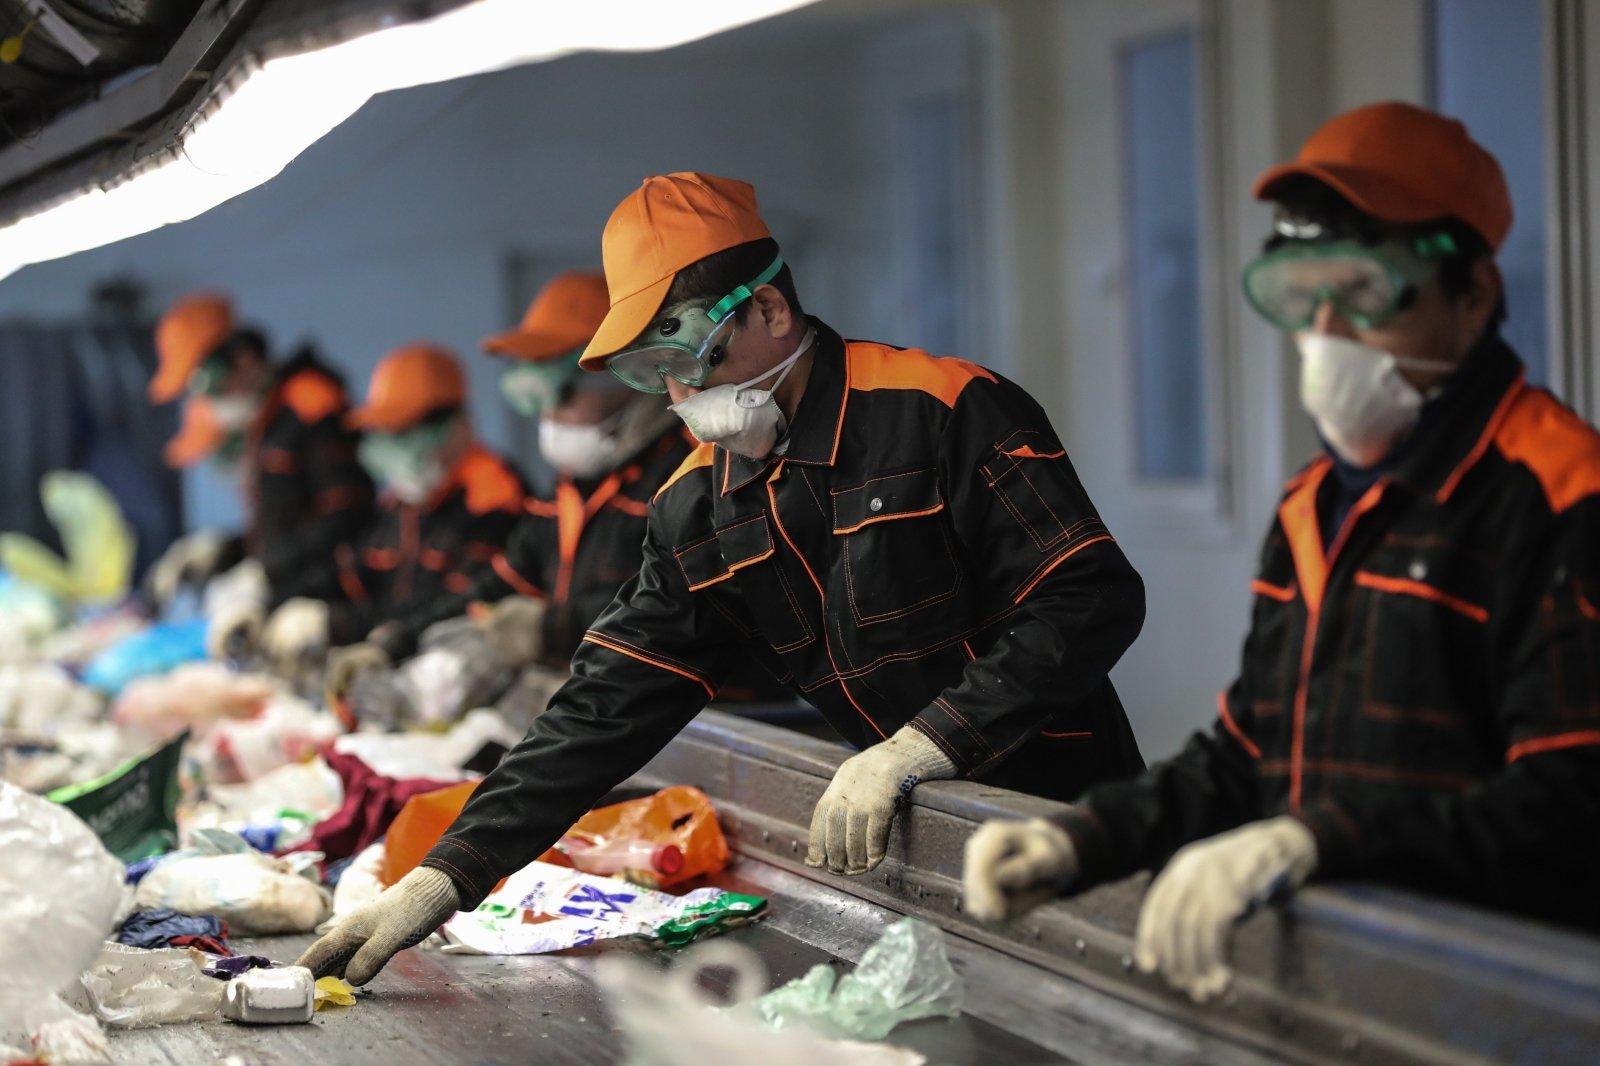 Jusif Seiranov. Po didžiosios pauzės Kinijos ekonomika sugrįžta į atšiauresnį pasaulį - LRT